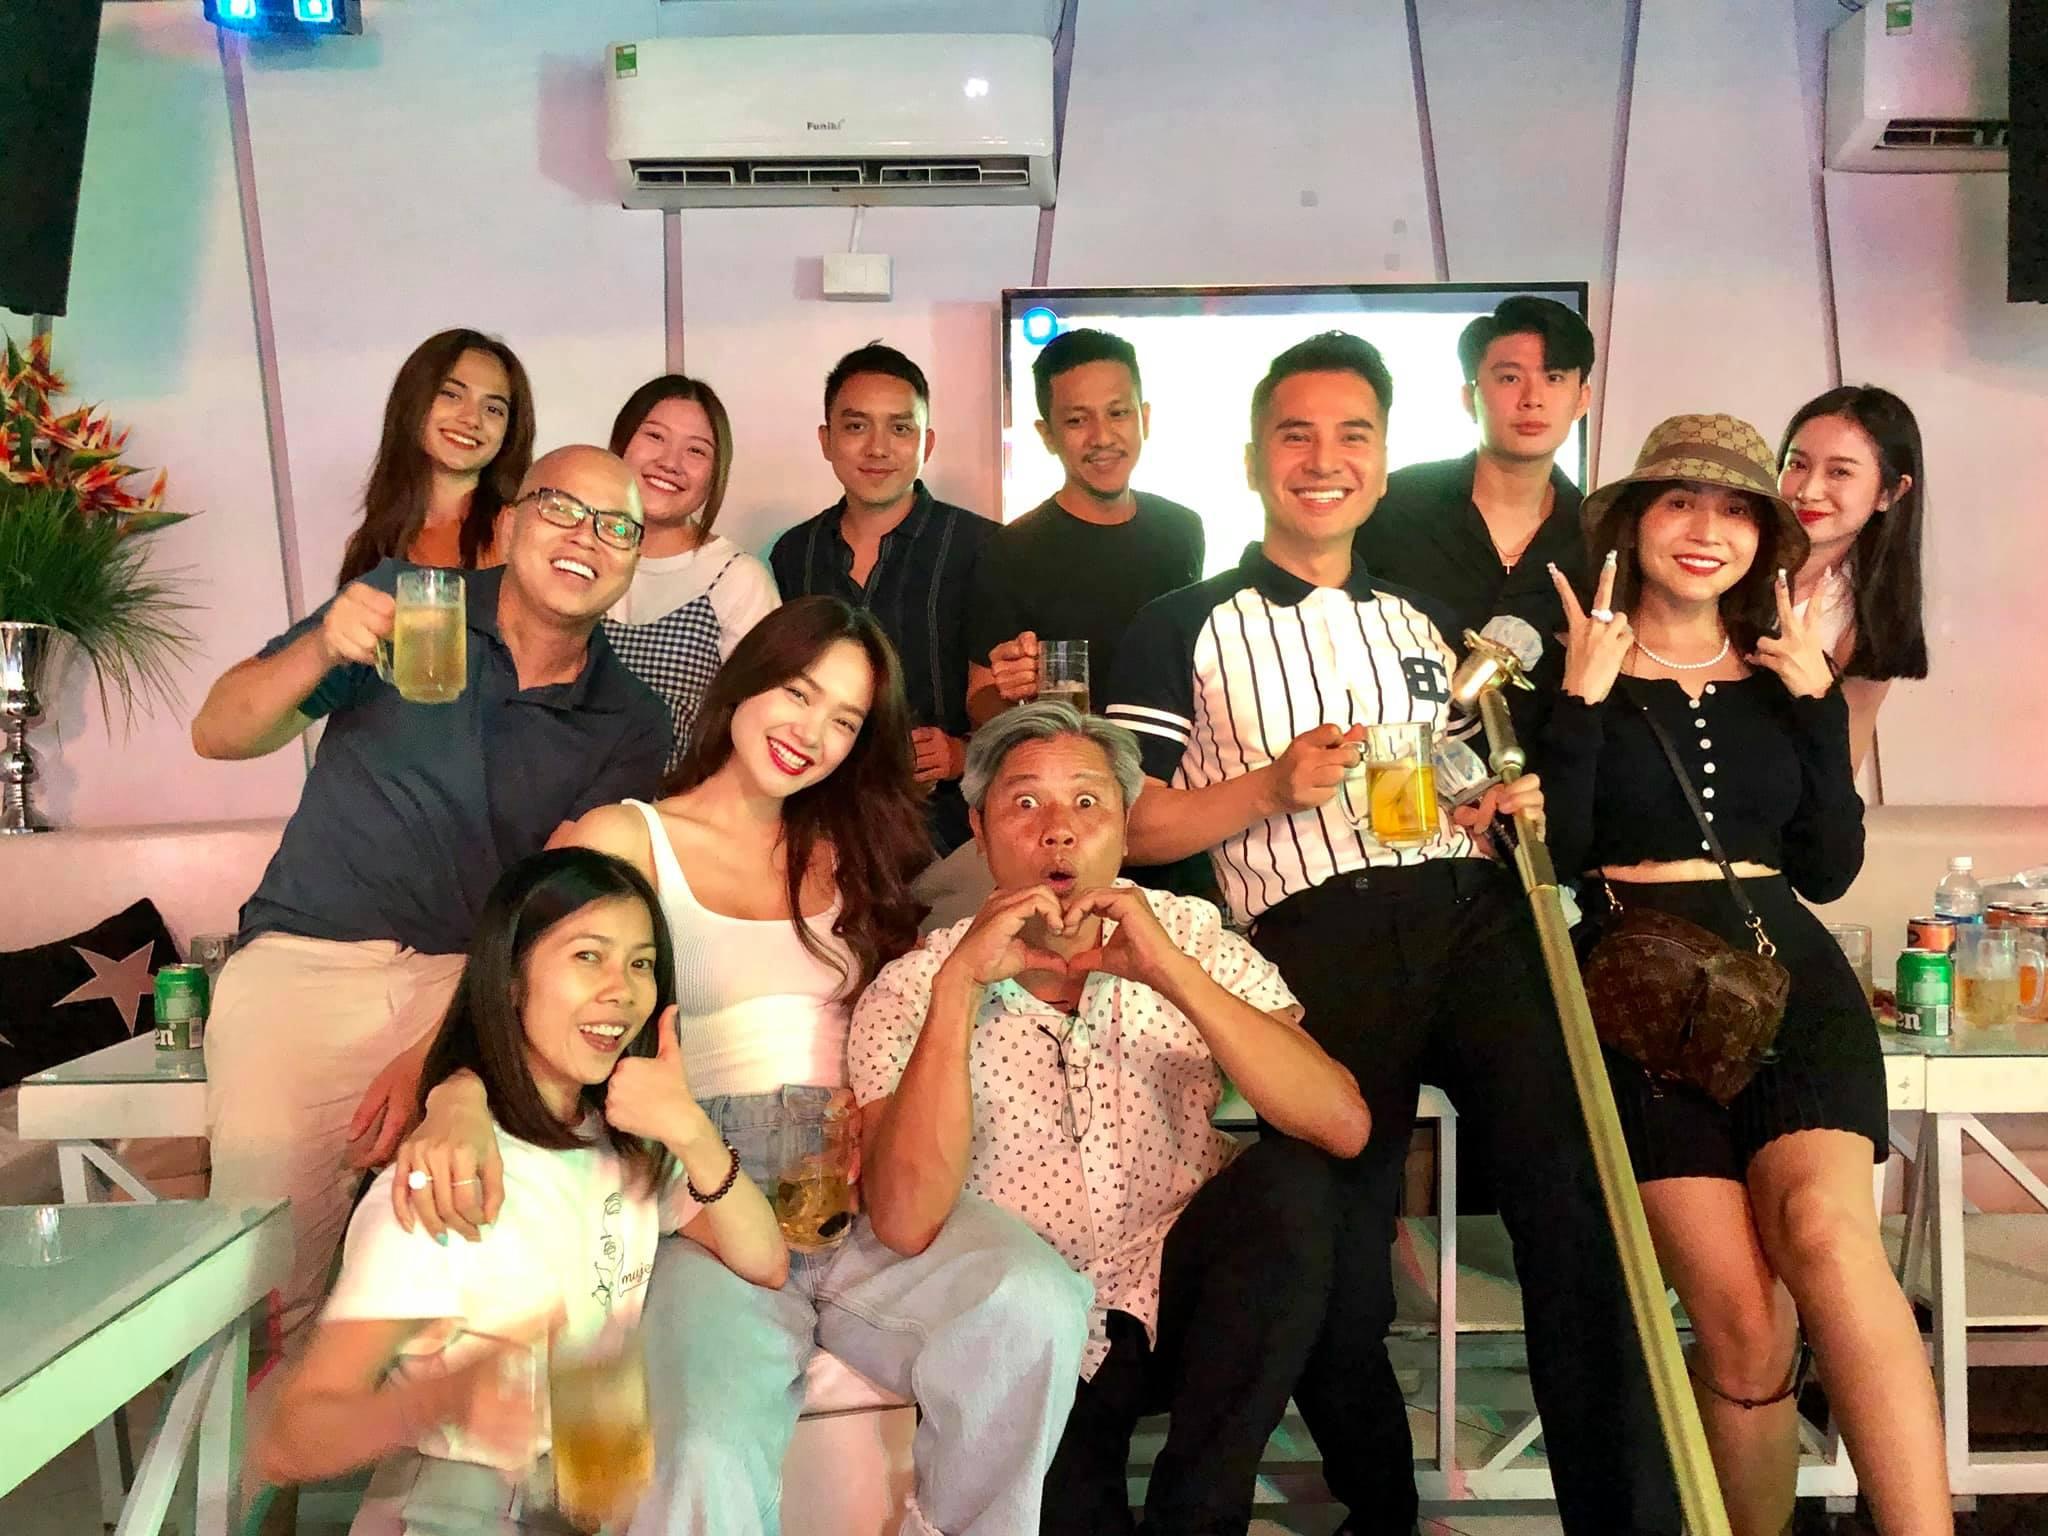 Minh Hằng hóa Triệu Vy ở phim mới của đạo diễn Vũ Ngọc Đãng nhưng danh tính anh chồng mới đáng chú ý - Ảnh 1.